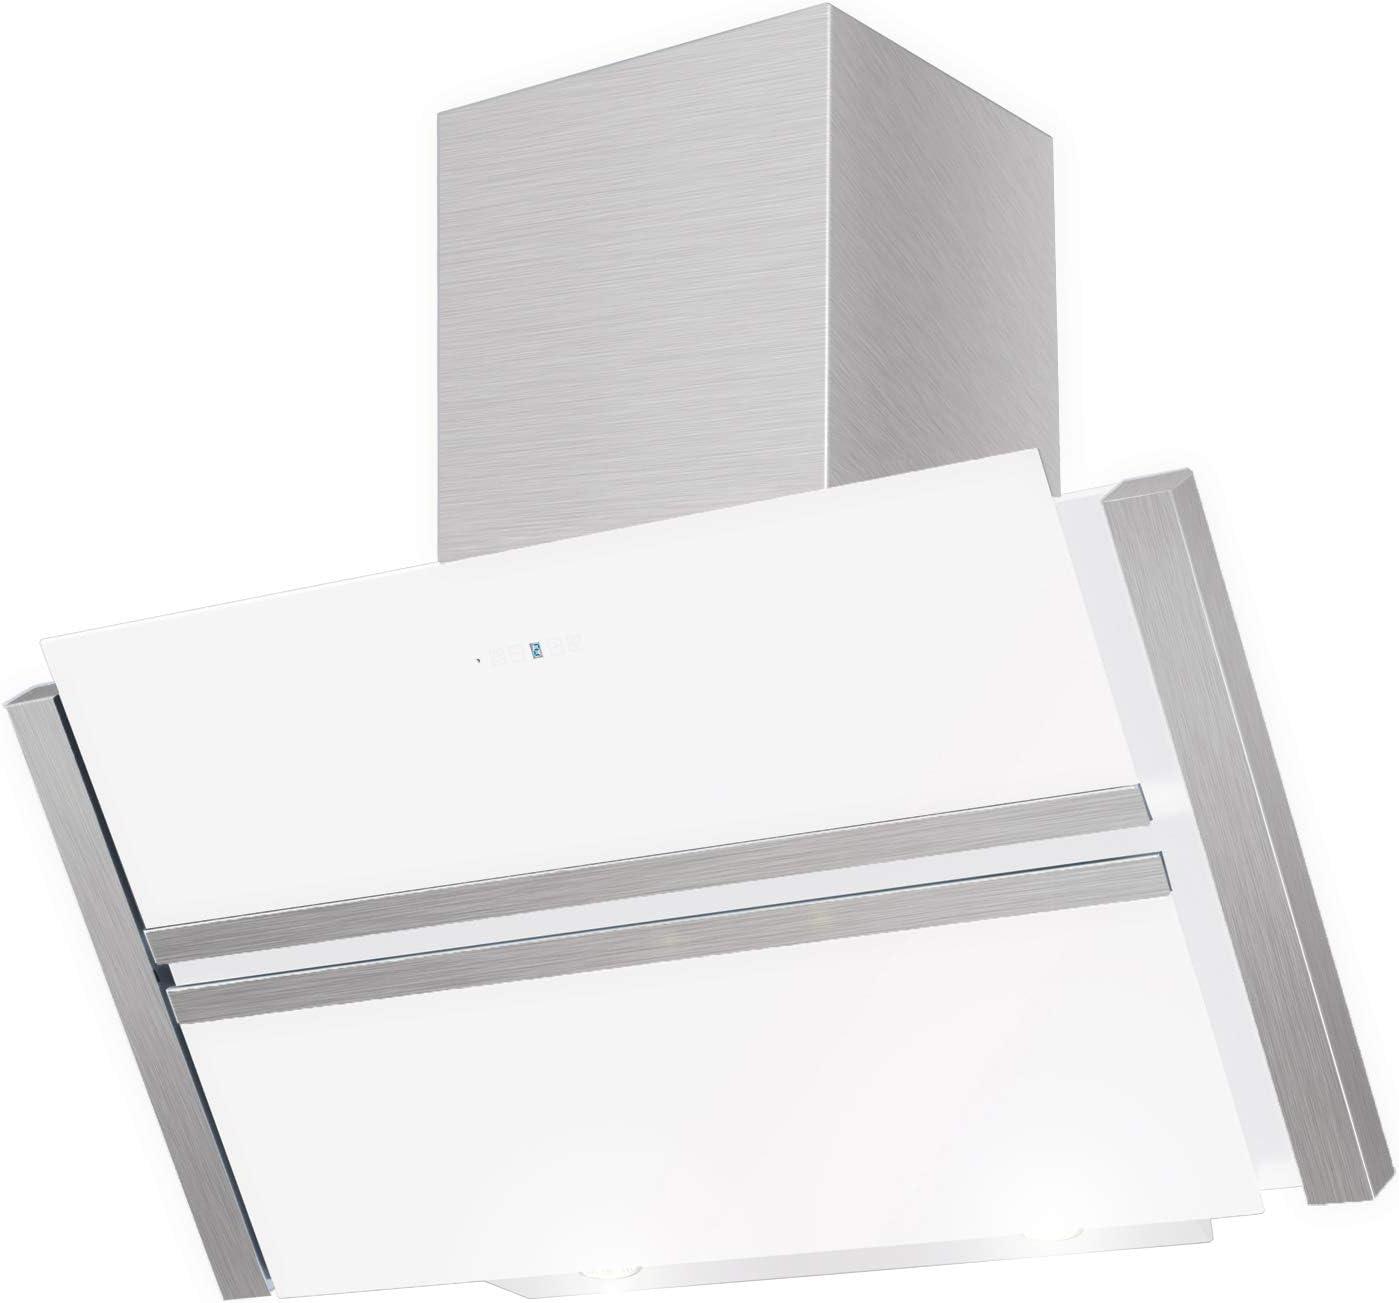 Maan campana Roxy blanco 75 cm. Cristal Blanco. LED. 815 M3/H. Extracción. Mando a distancia. 2 filtros de carbón libre. UE clase de eficiencia A.: Amazon.es: Grandes electrodomésticos